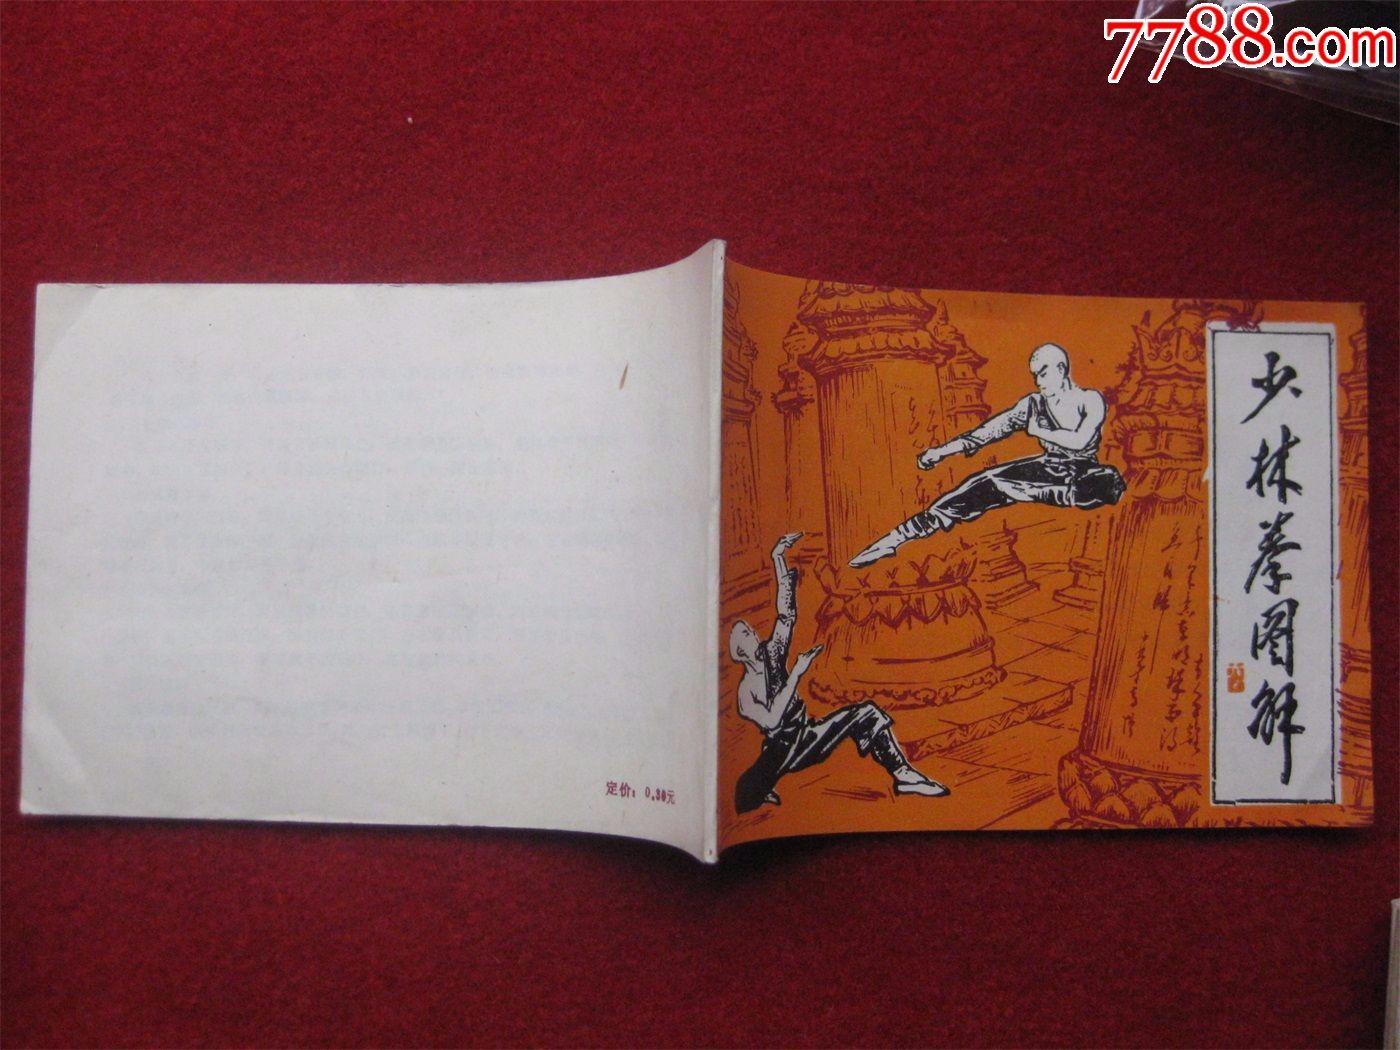 怀旧收藏武术图书《少林拳图解》有图有文字解说好品